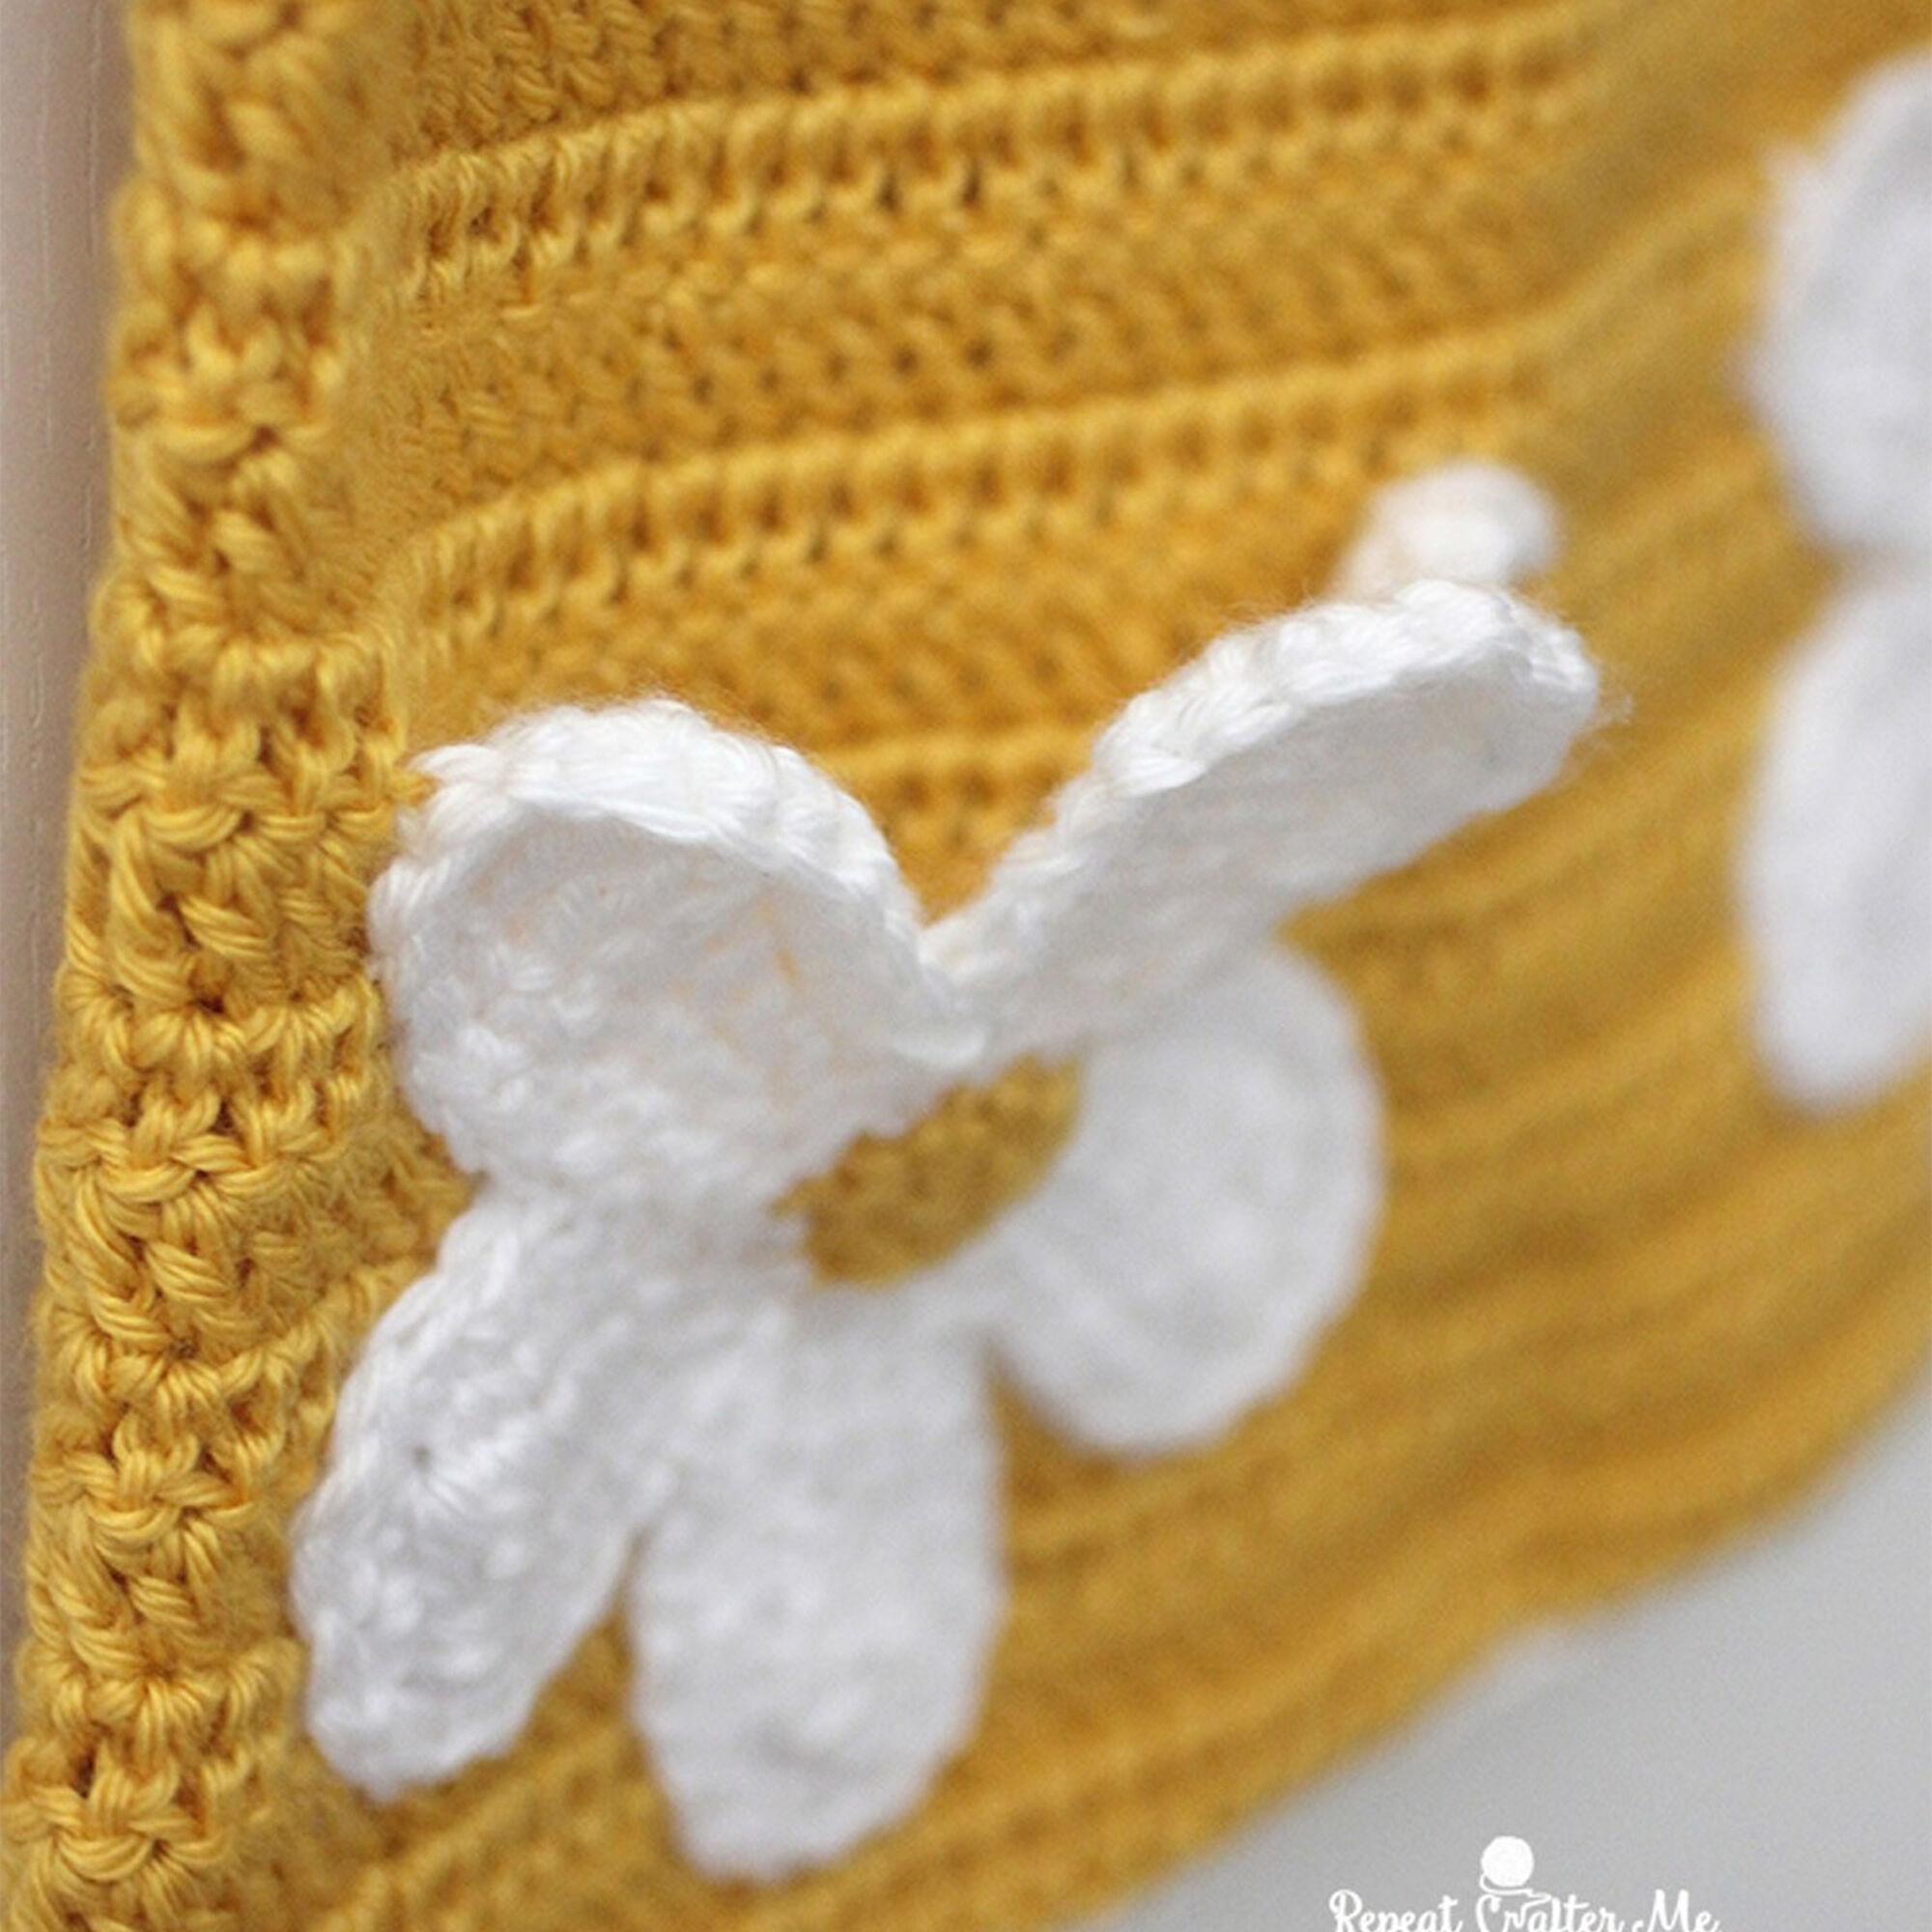 Caron crochet daisy dress yarnspirations caron crochet daisy dress izmirmasajfo